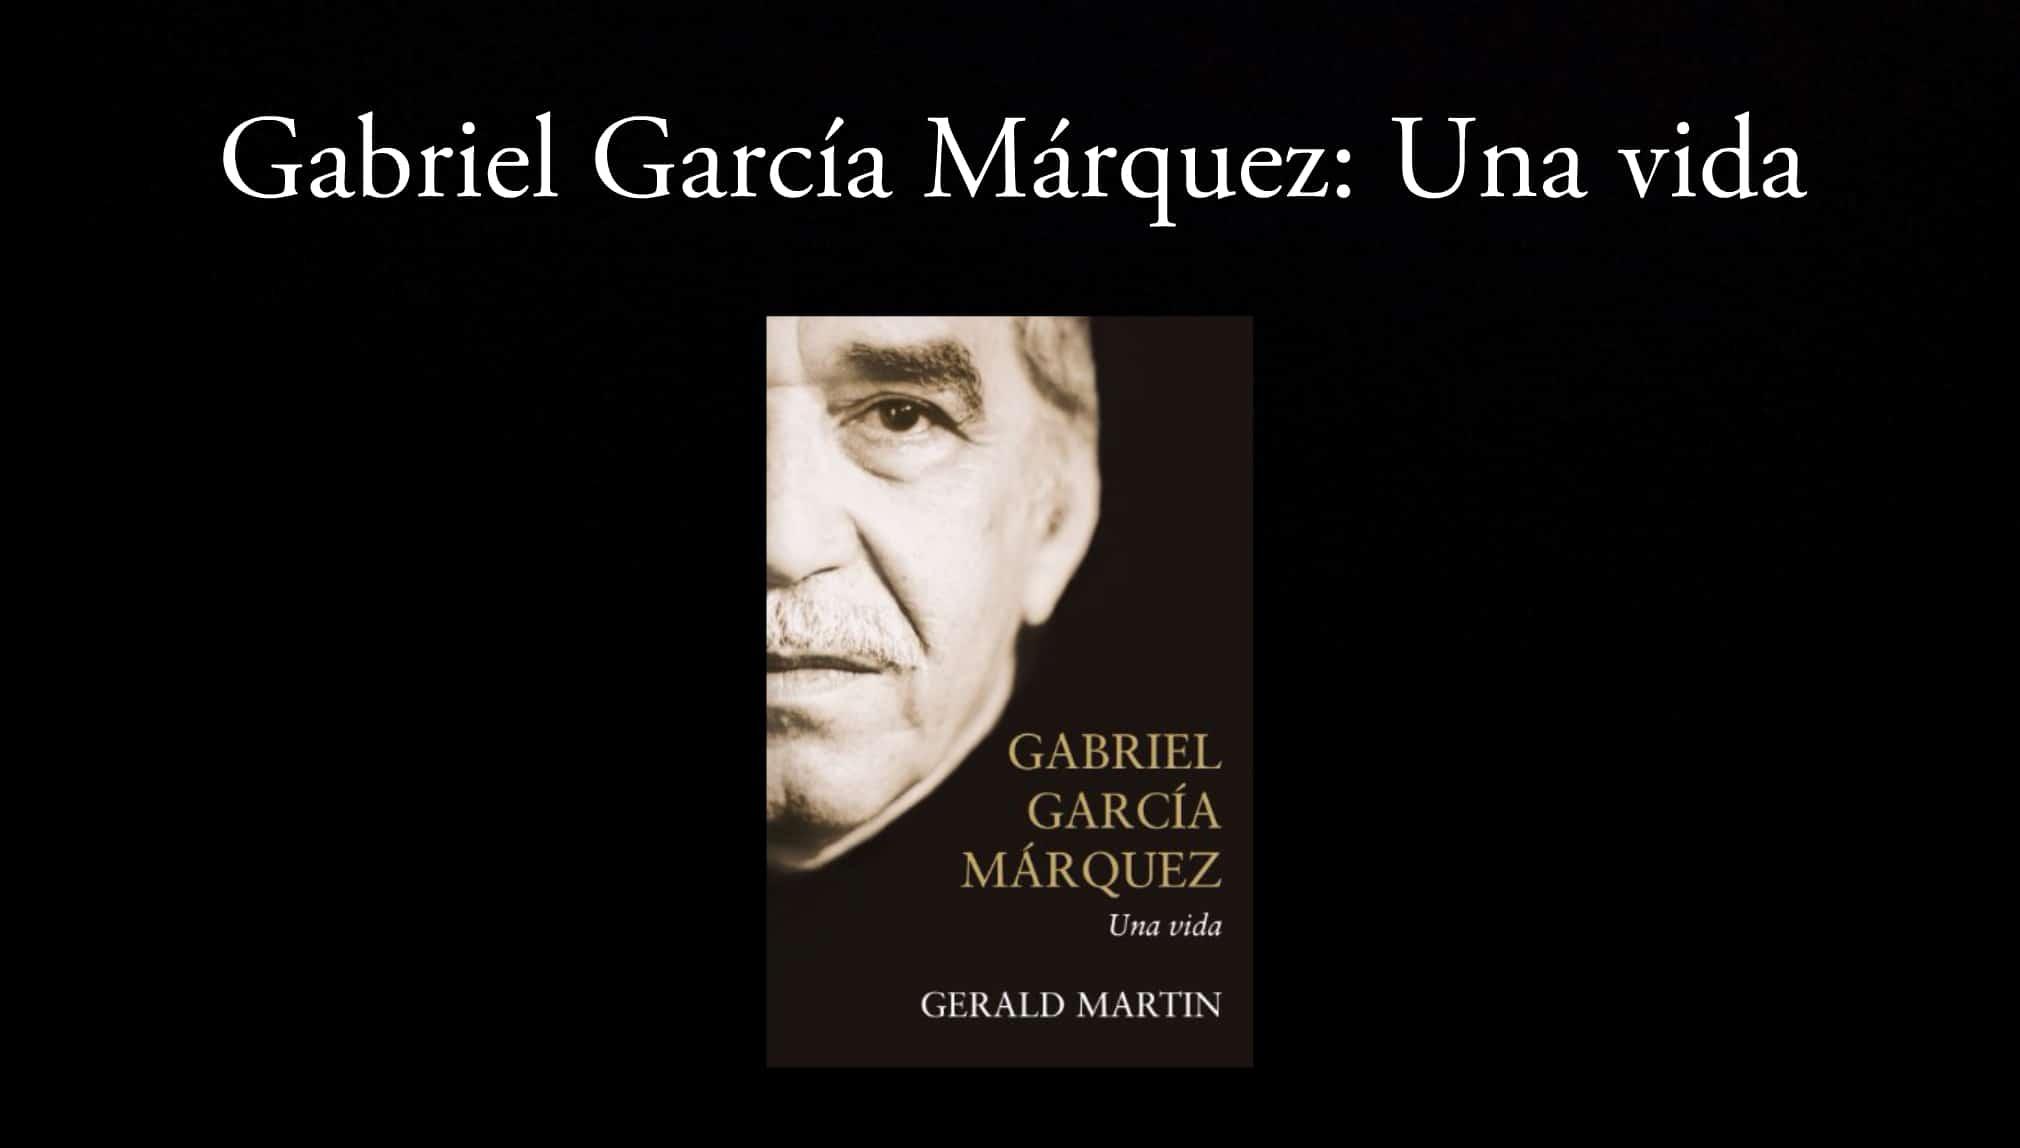 Gabriel García Márquez: Una vida.